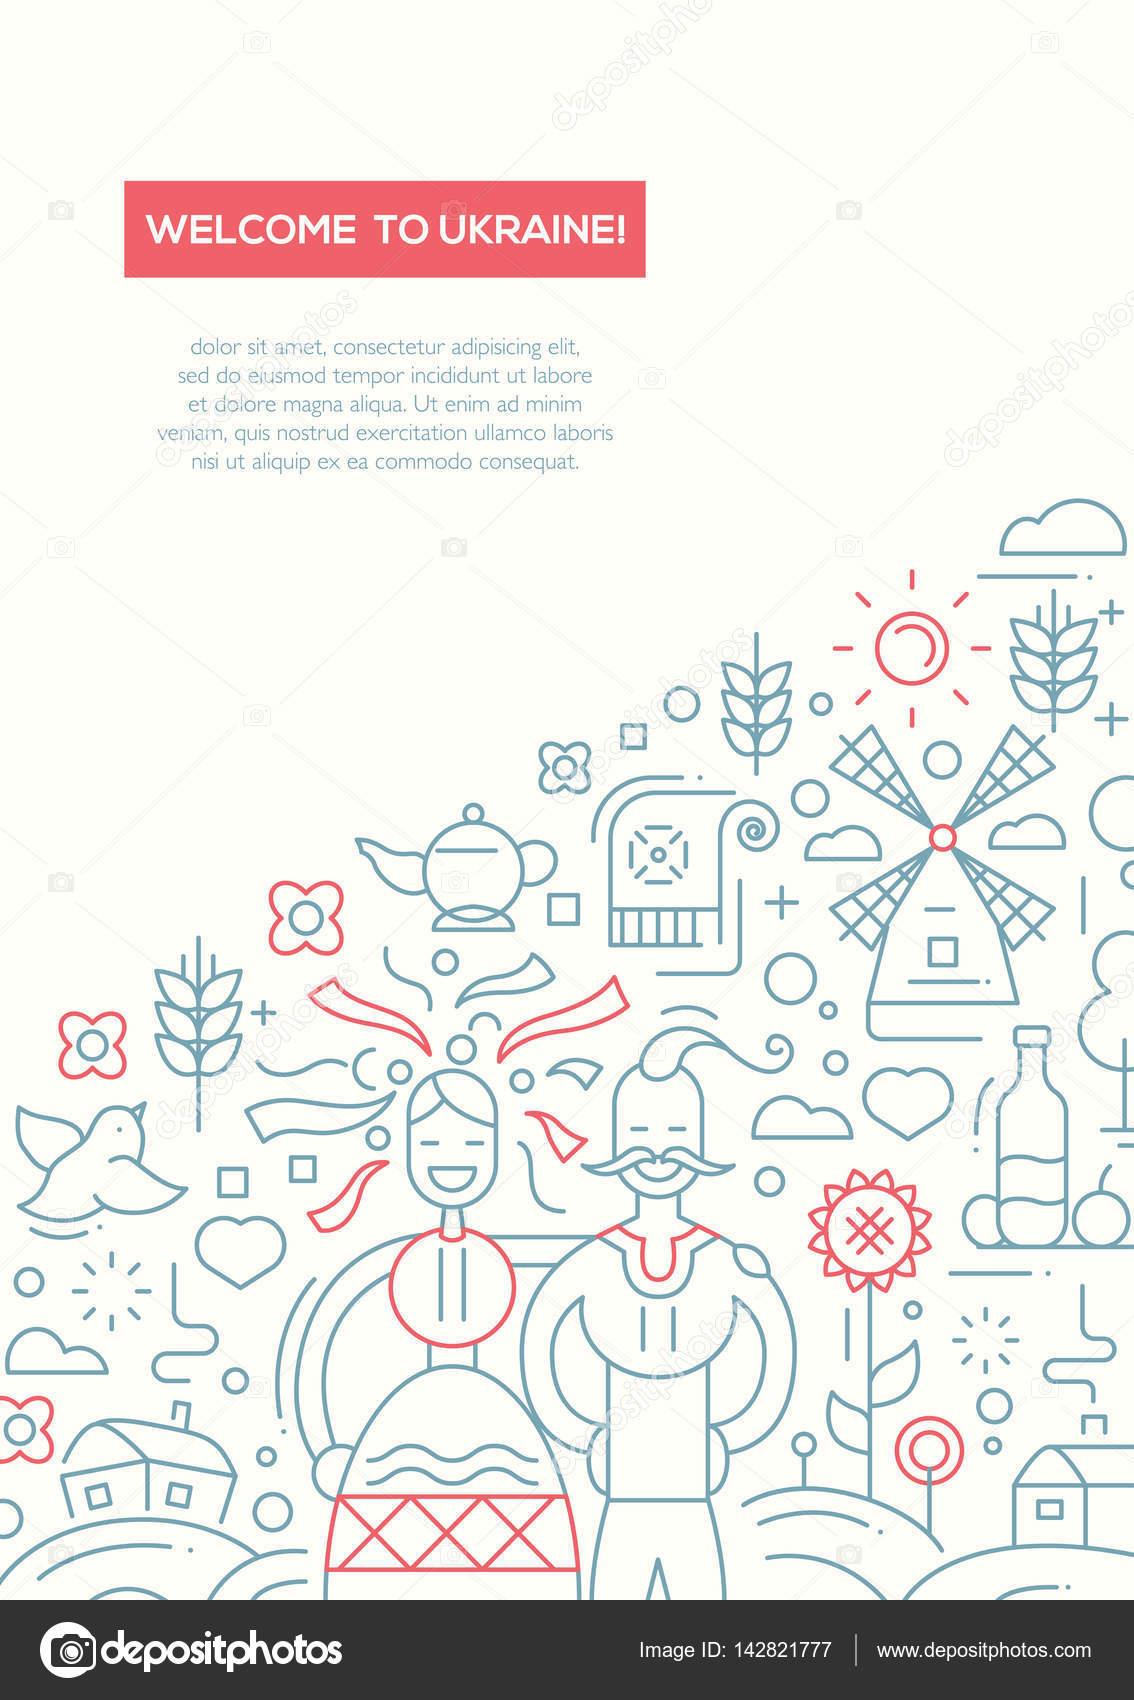 Vítejte na Ukrajině line design brožura plakát šablony A4 ...